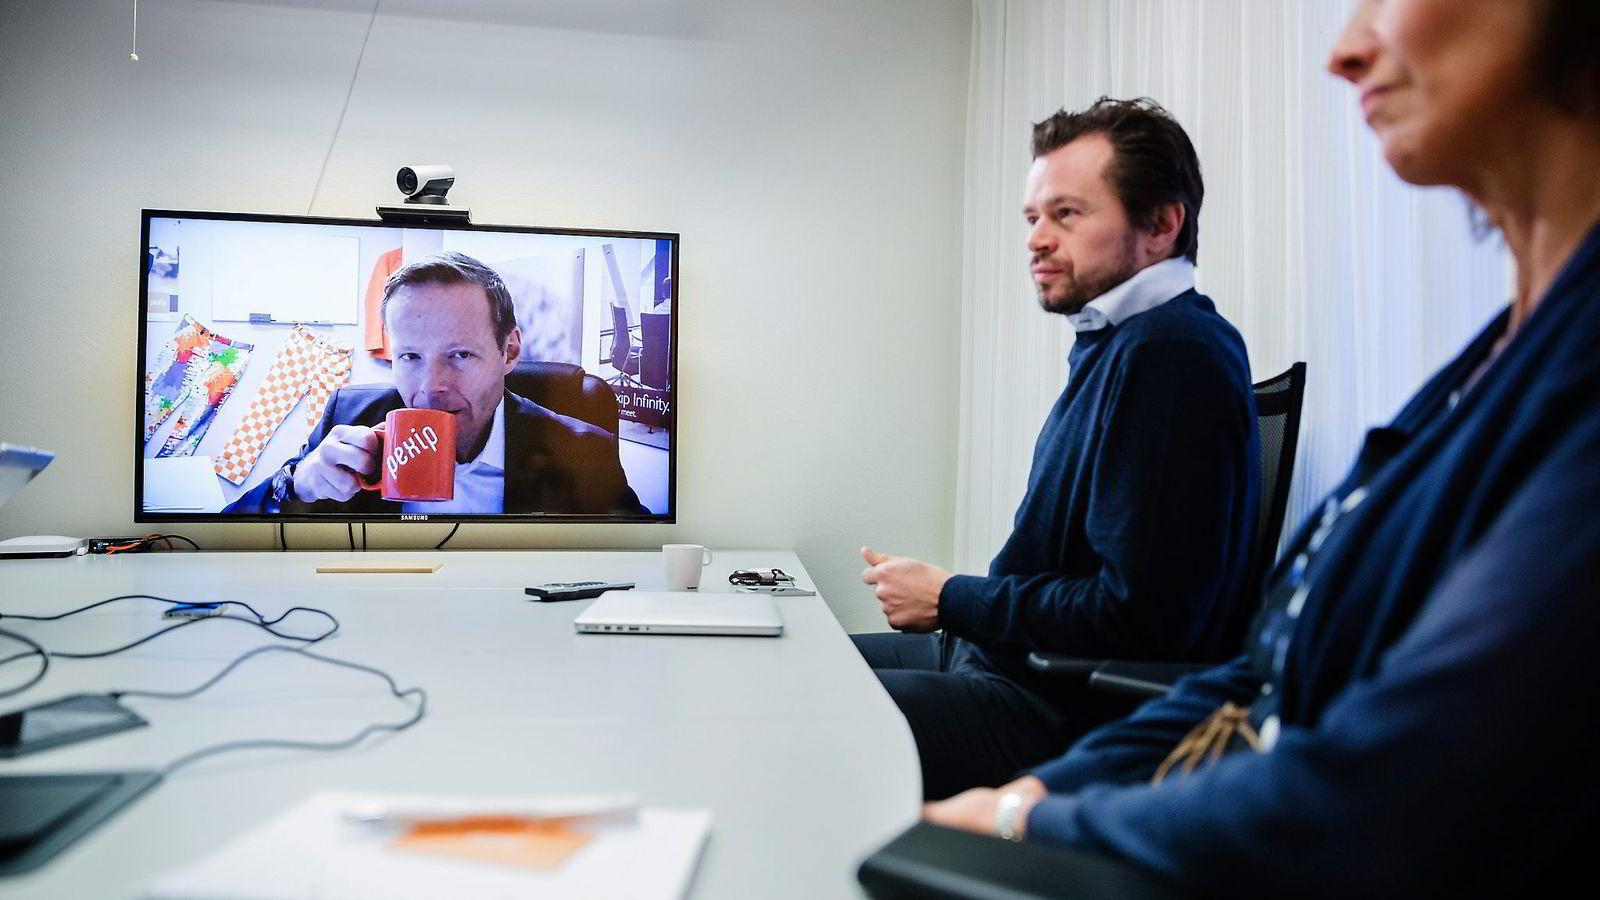 New York og Fornebu: Åsmund Olav Fodstad leder norske Pexips 15 kontorer fra New York, mens Anders Løkke og Irene Kristiansen jobber fra «Video Valley» i Oslo-området. Foto: Per Thrana